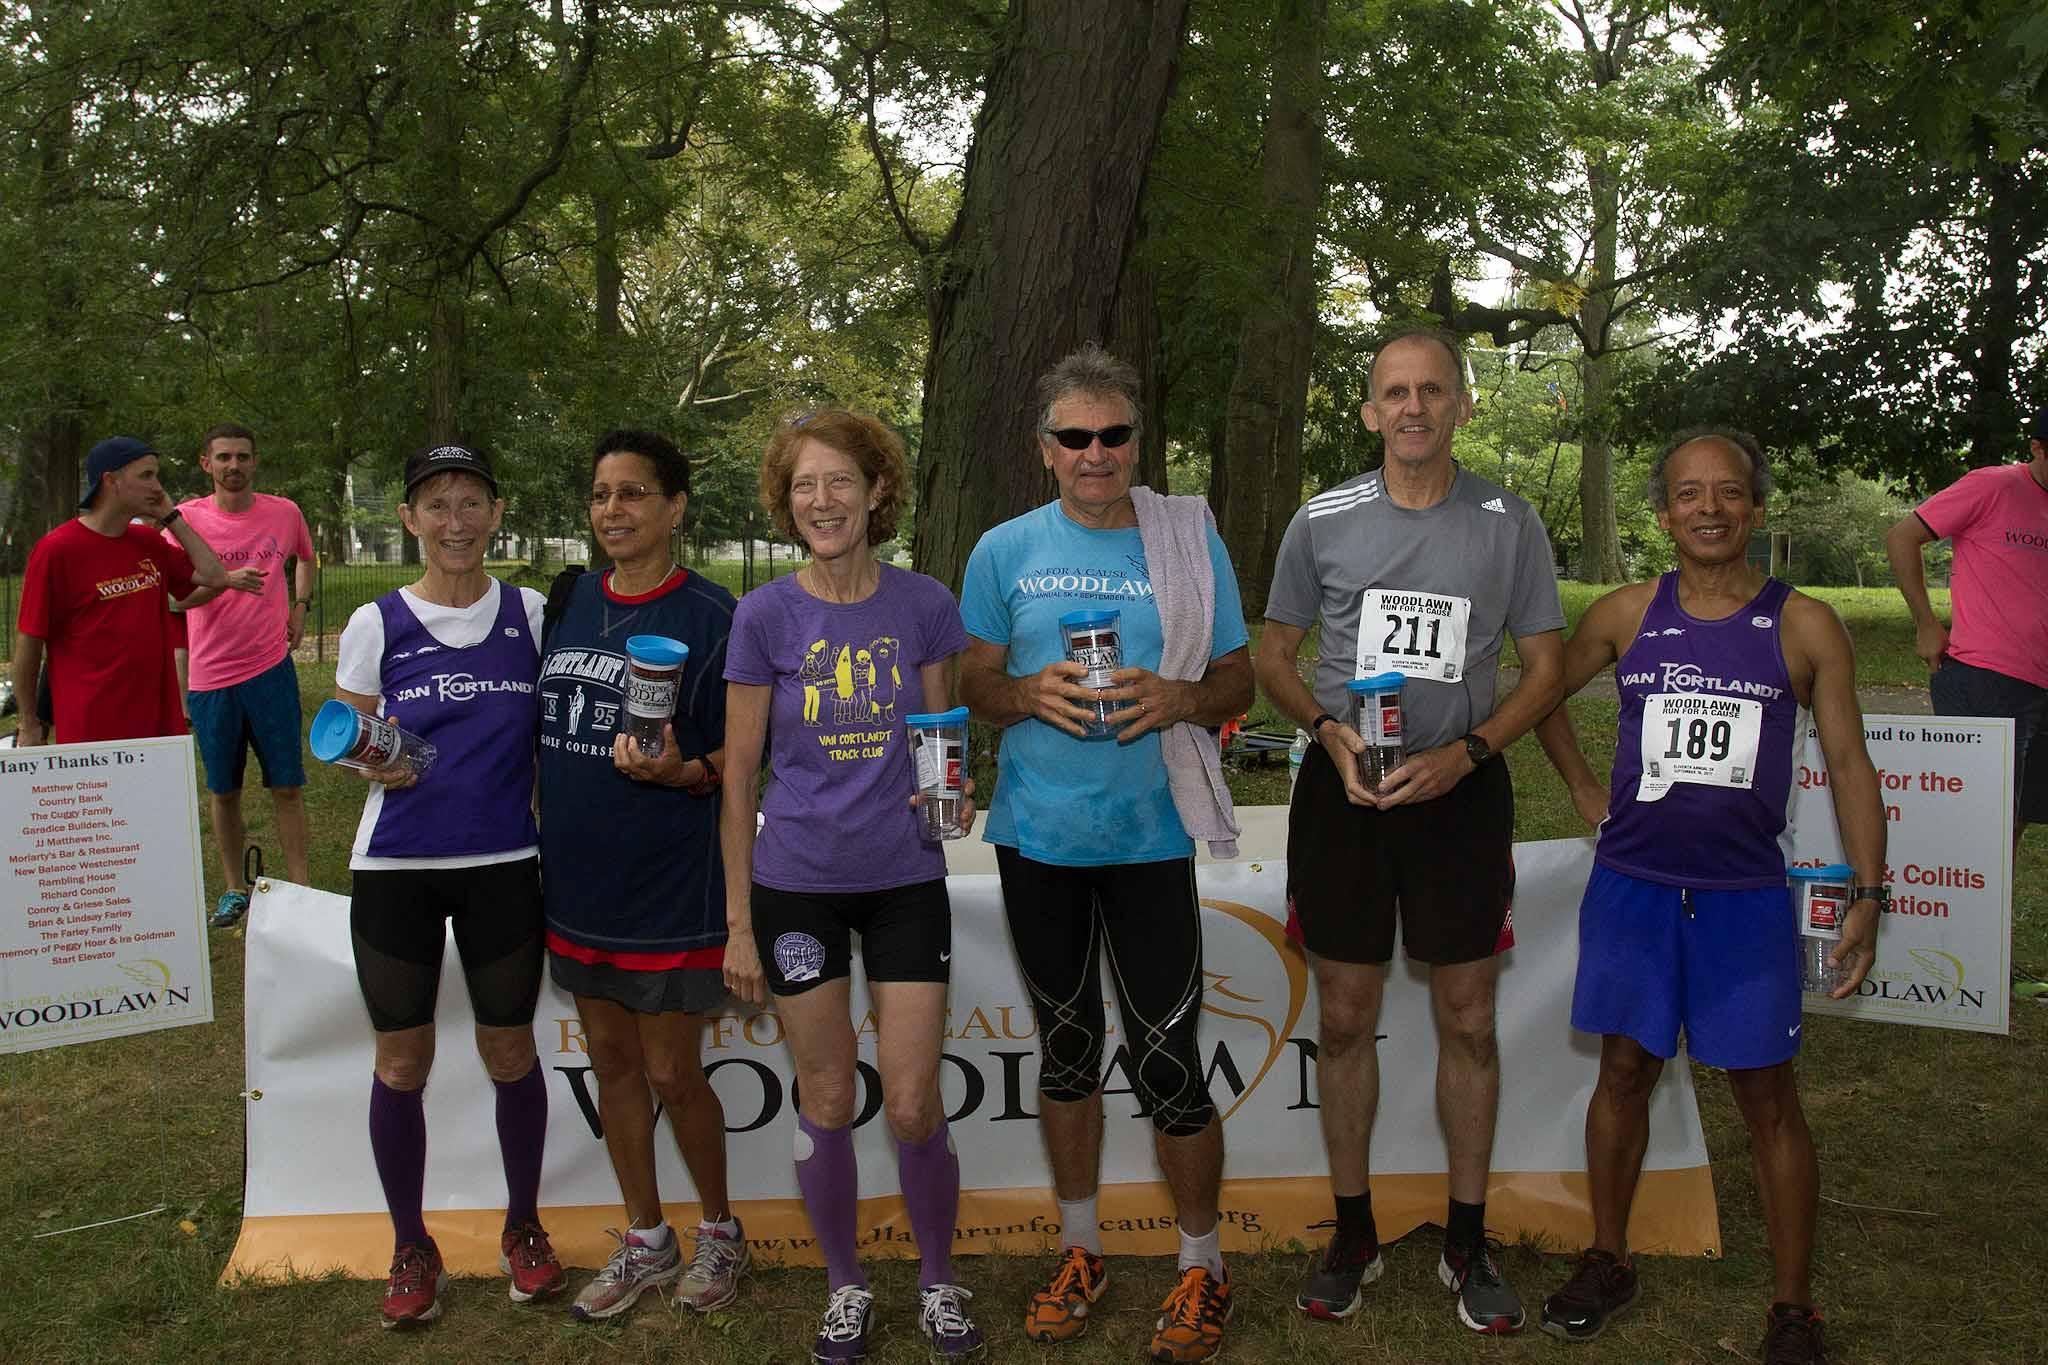 264-Woodlawn Run for a Cause-075-2.jpg